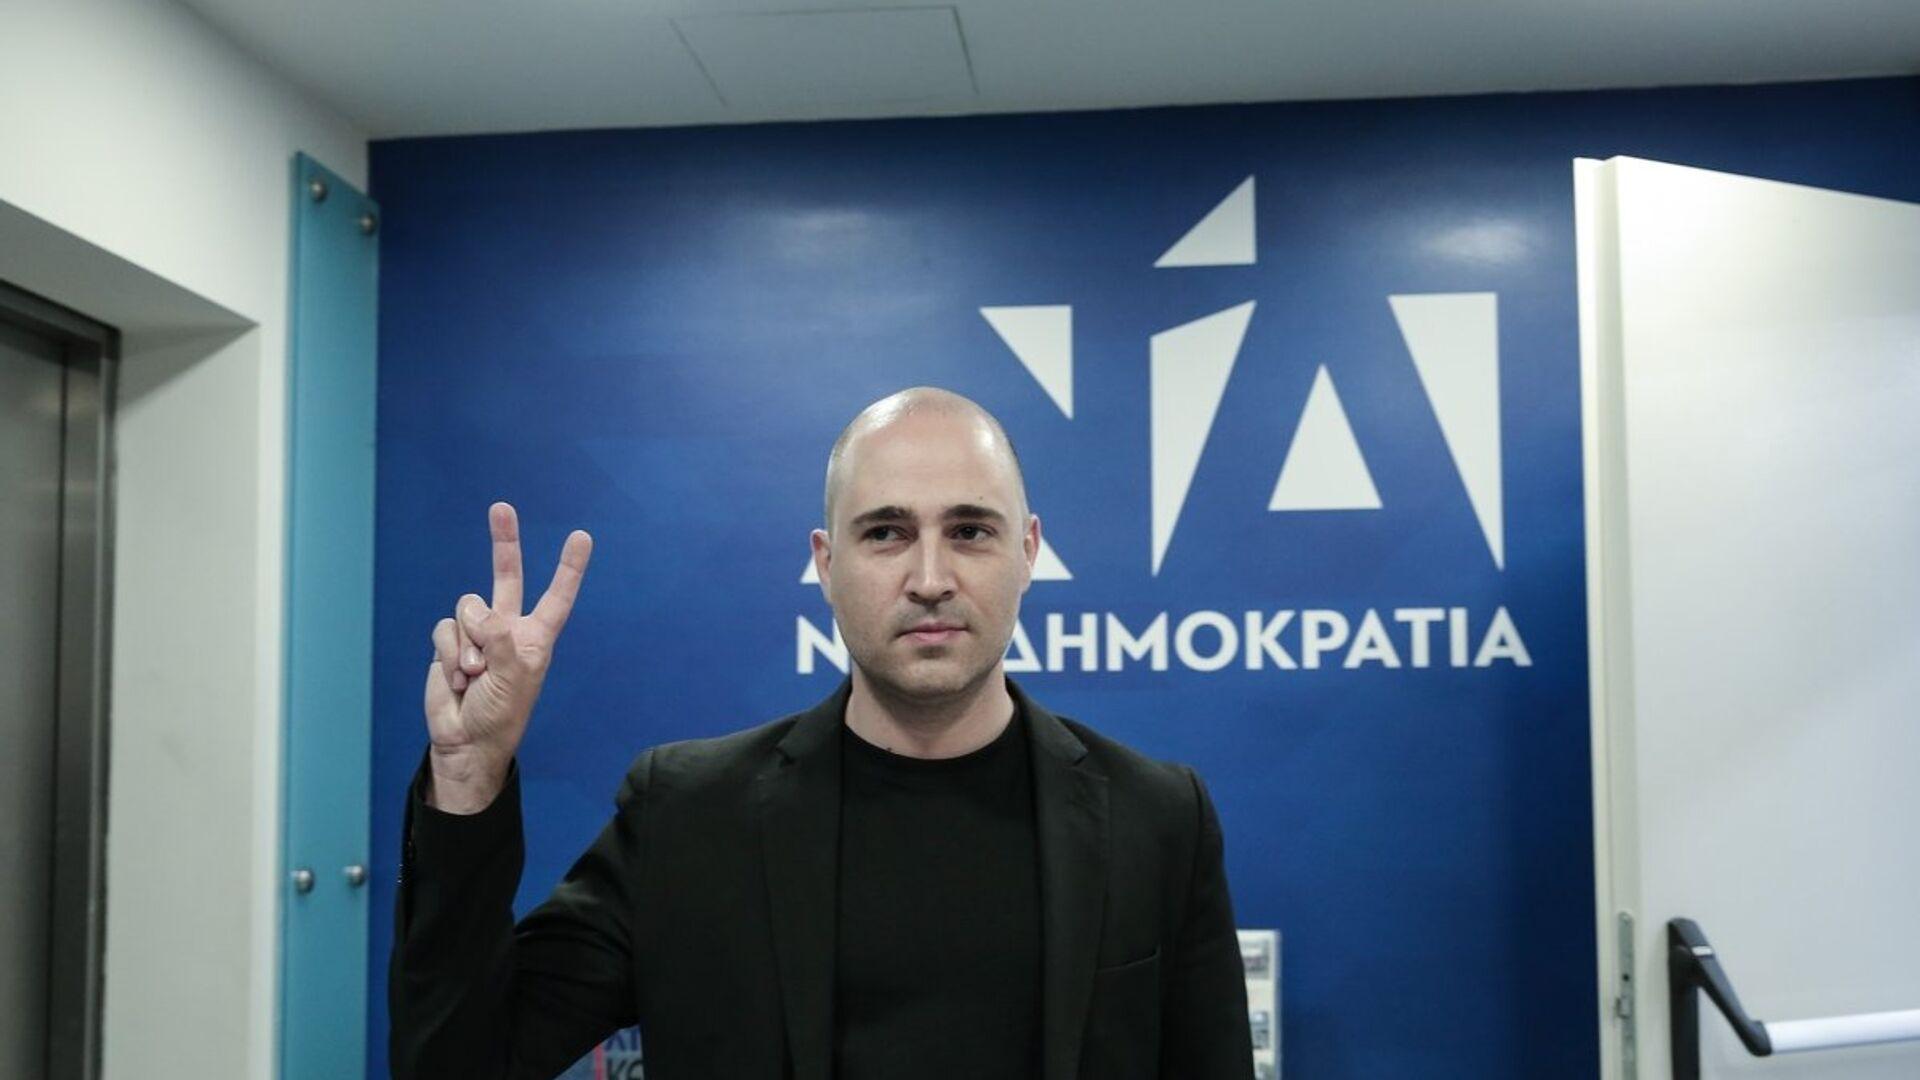 Ο Κωνσταντίνος Μπογδάνος στα γραφεία της Νέας Δημοκρατίας μετά τον δεύτερο γύρο των αυτοδιοικητικών εκλογών - Sputnik Ελλάδα, 1920, 07.10.2021